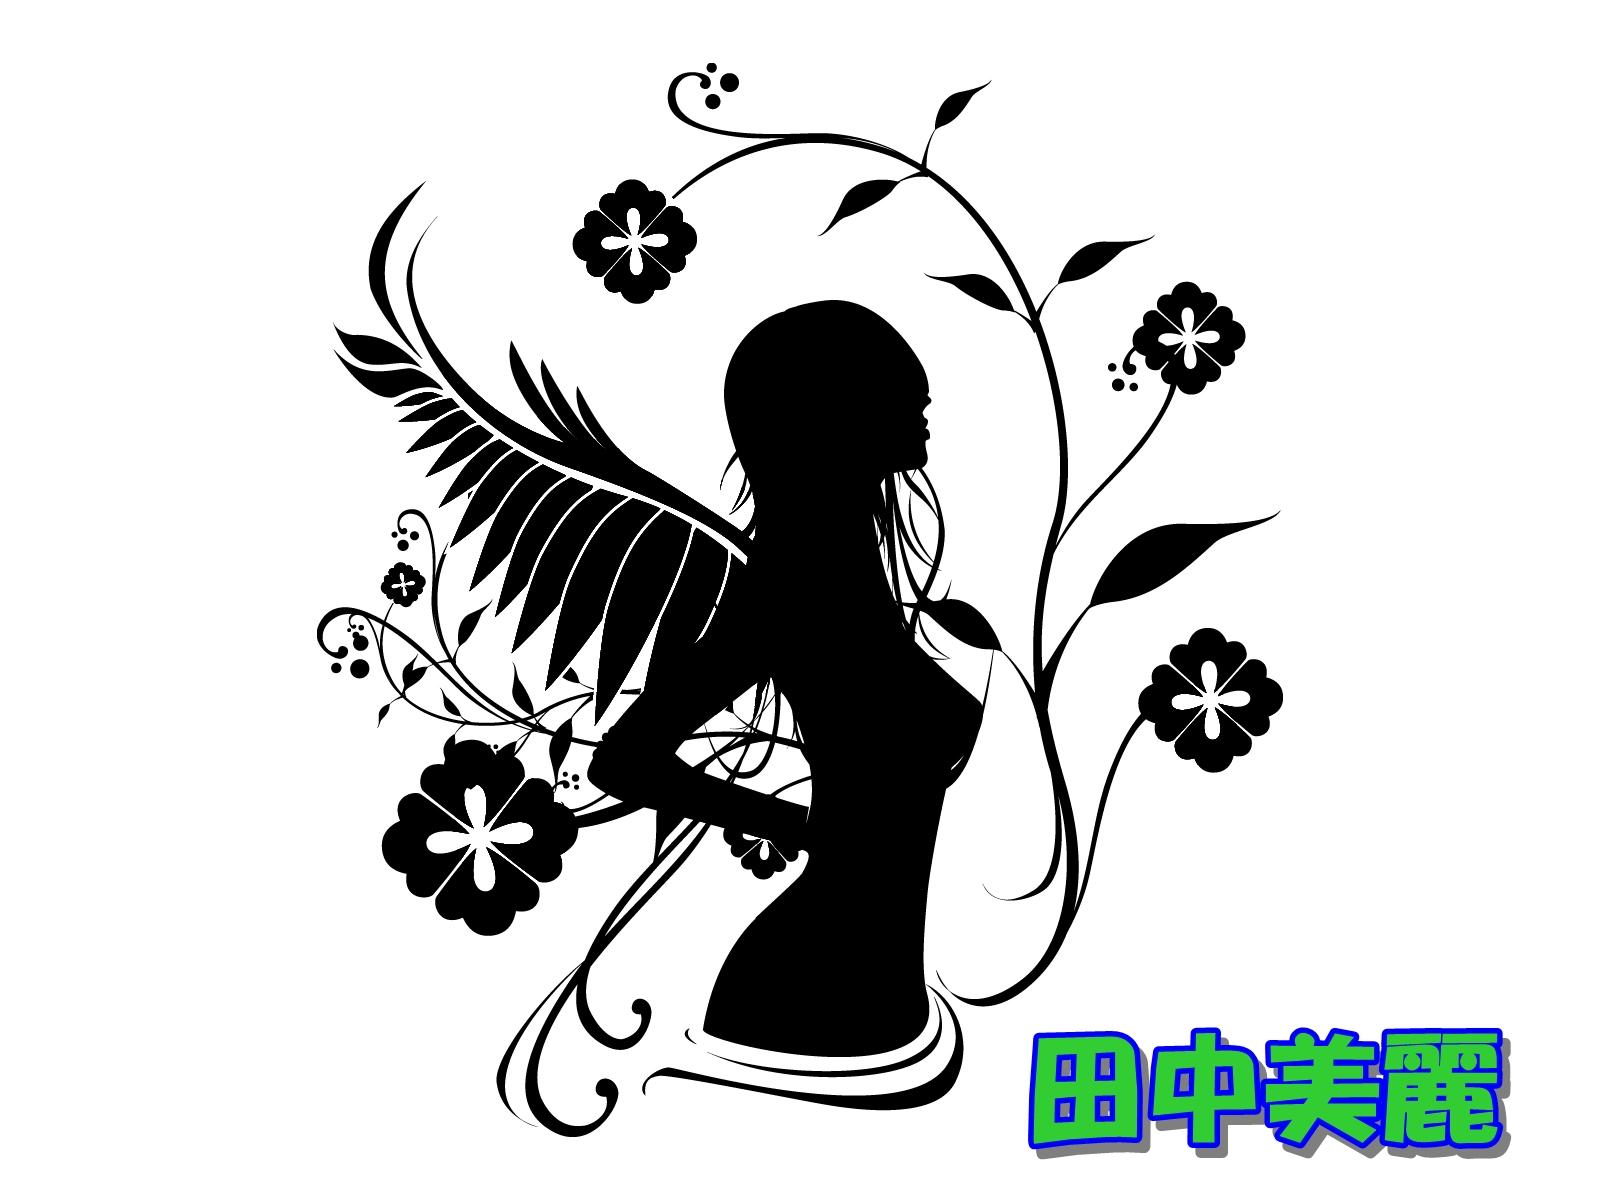 田中美麗がファースト・クラス出演!身長、体重等のプロフィールは?